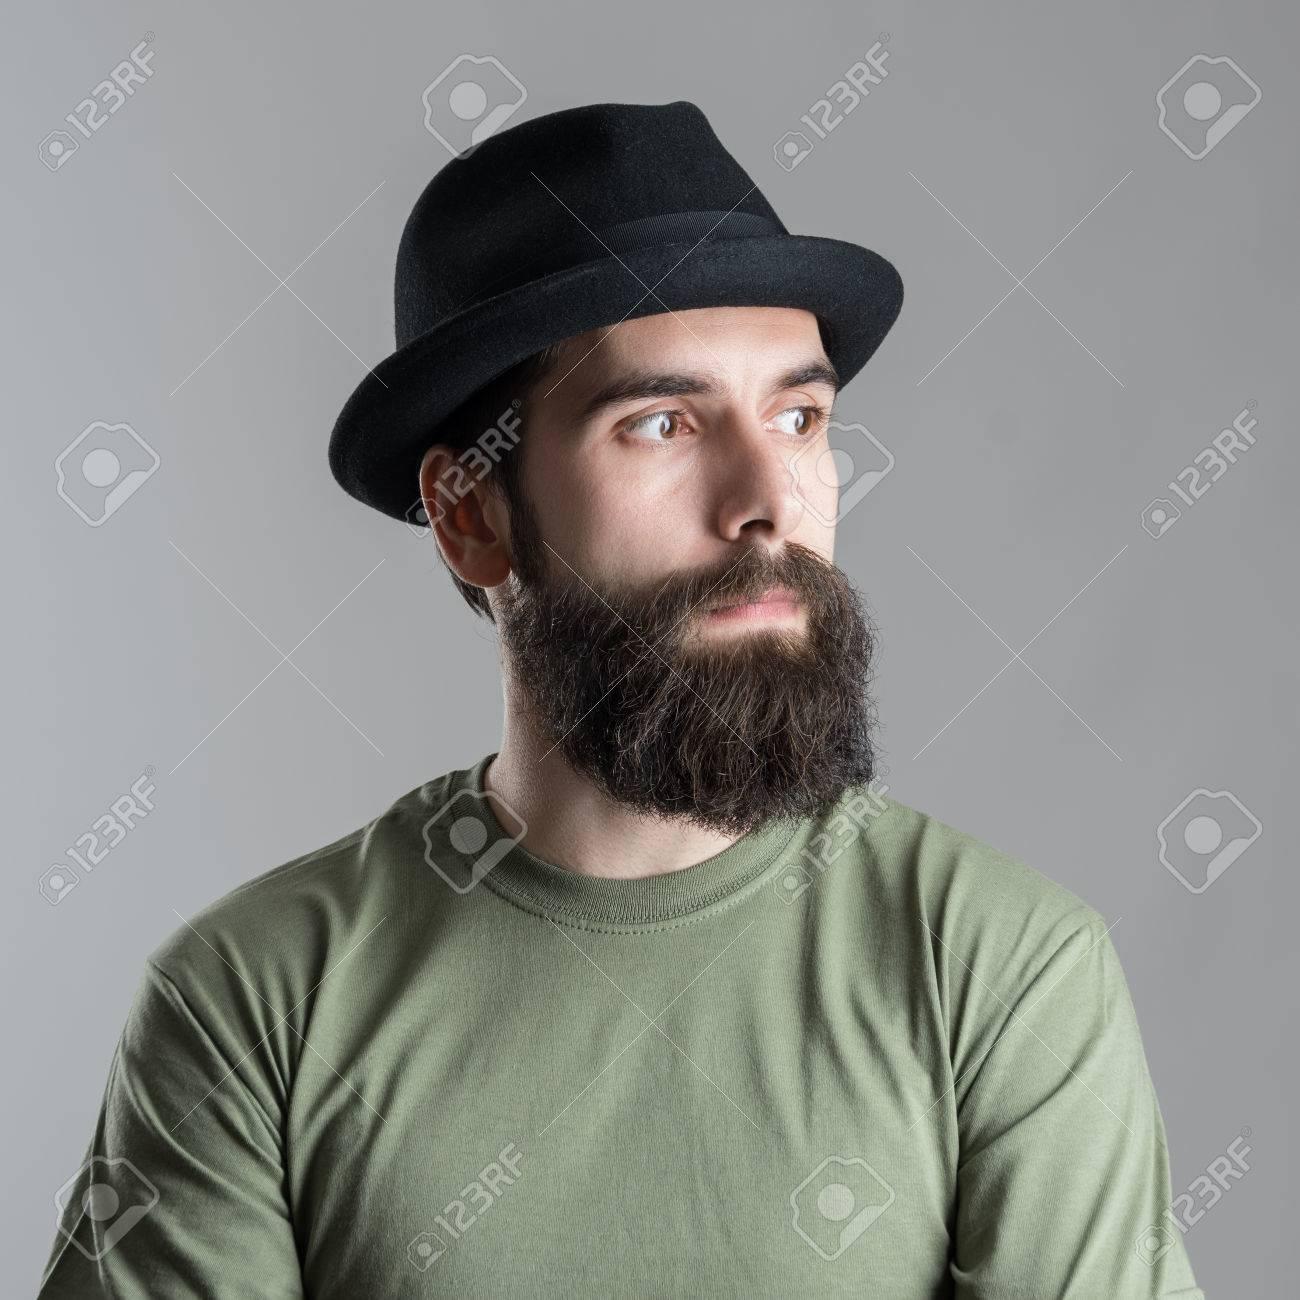 de2d5bf9fc Grave uomo con la barba pensieroso guardando altrove. Primo piano del volto  vicino ritratto su sfondo grigio studio.